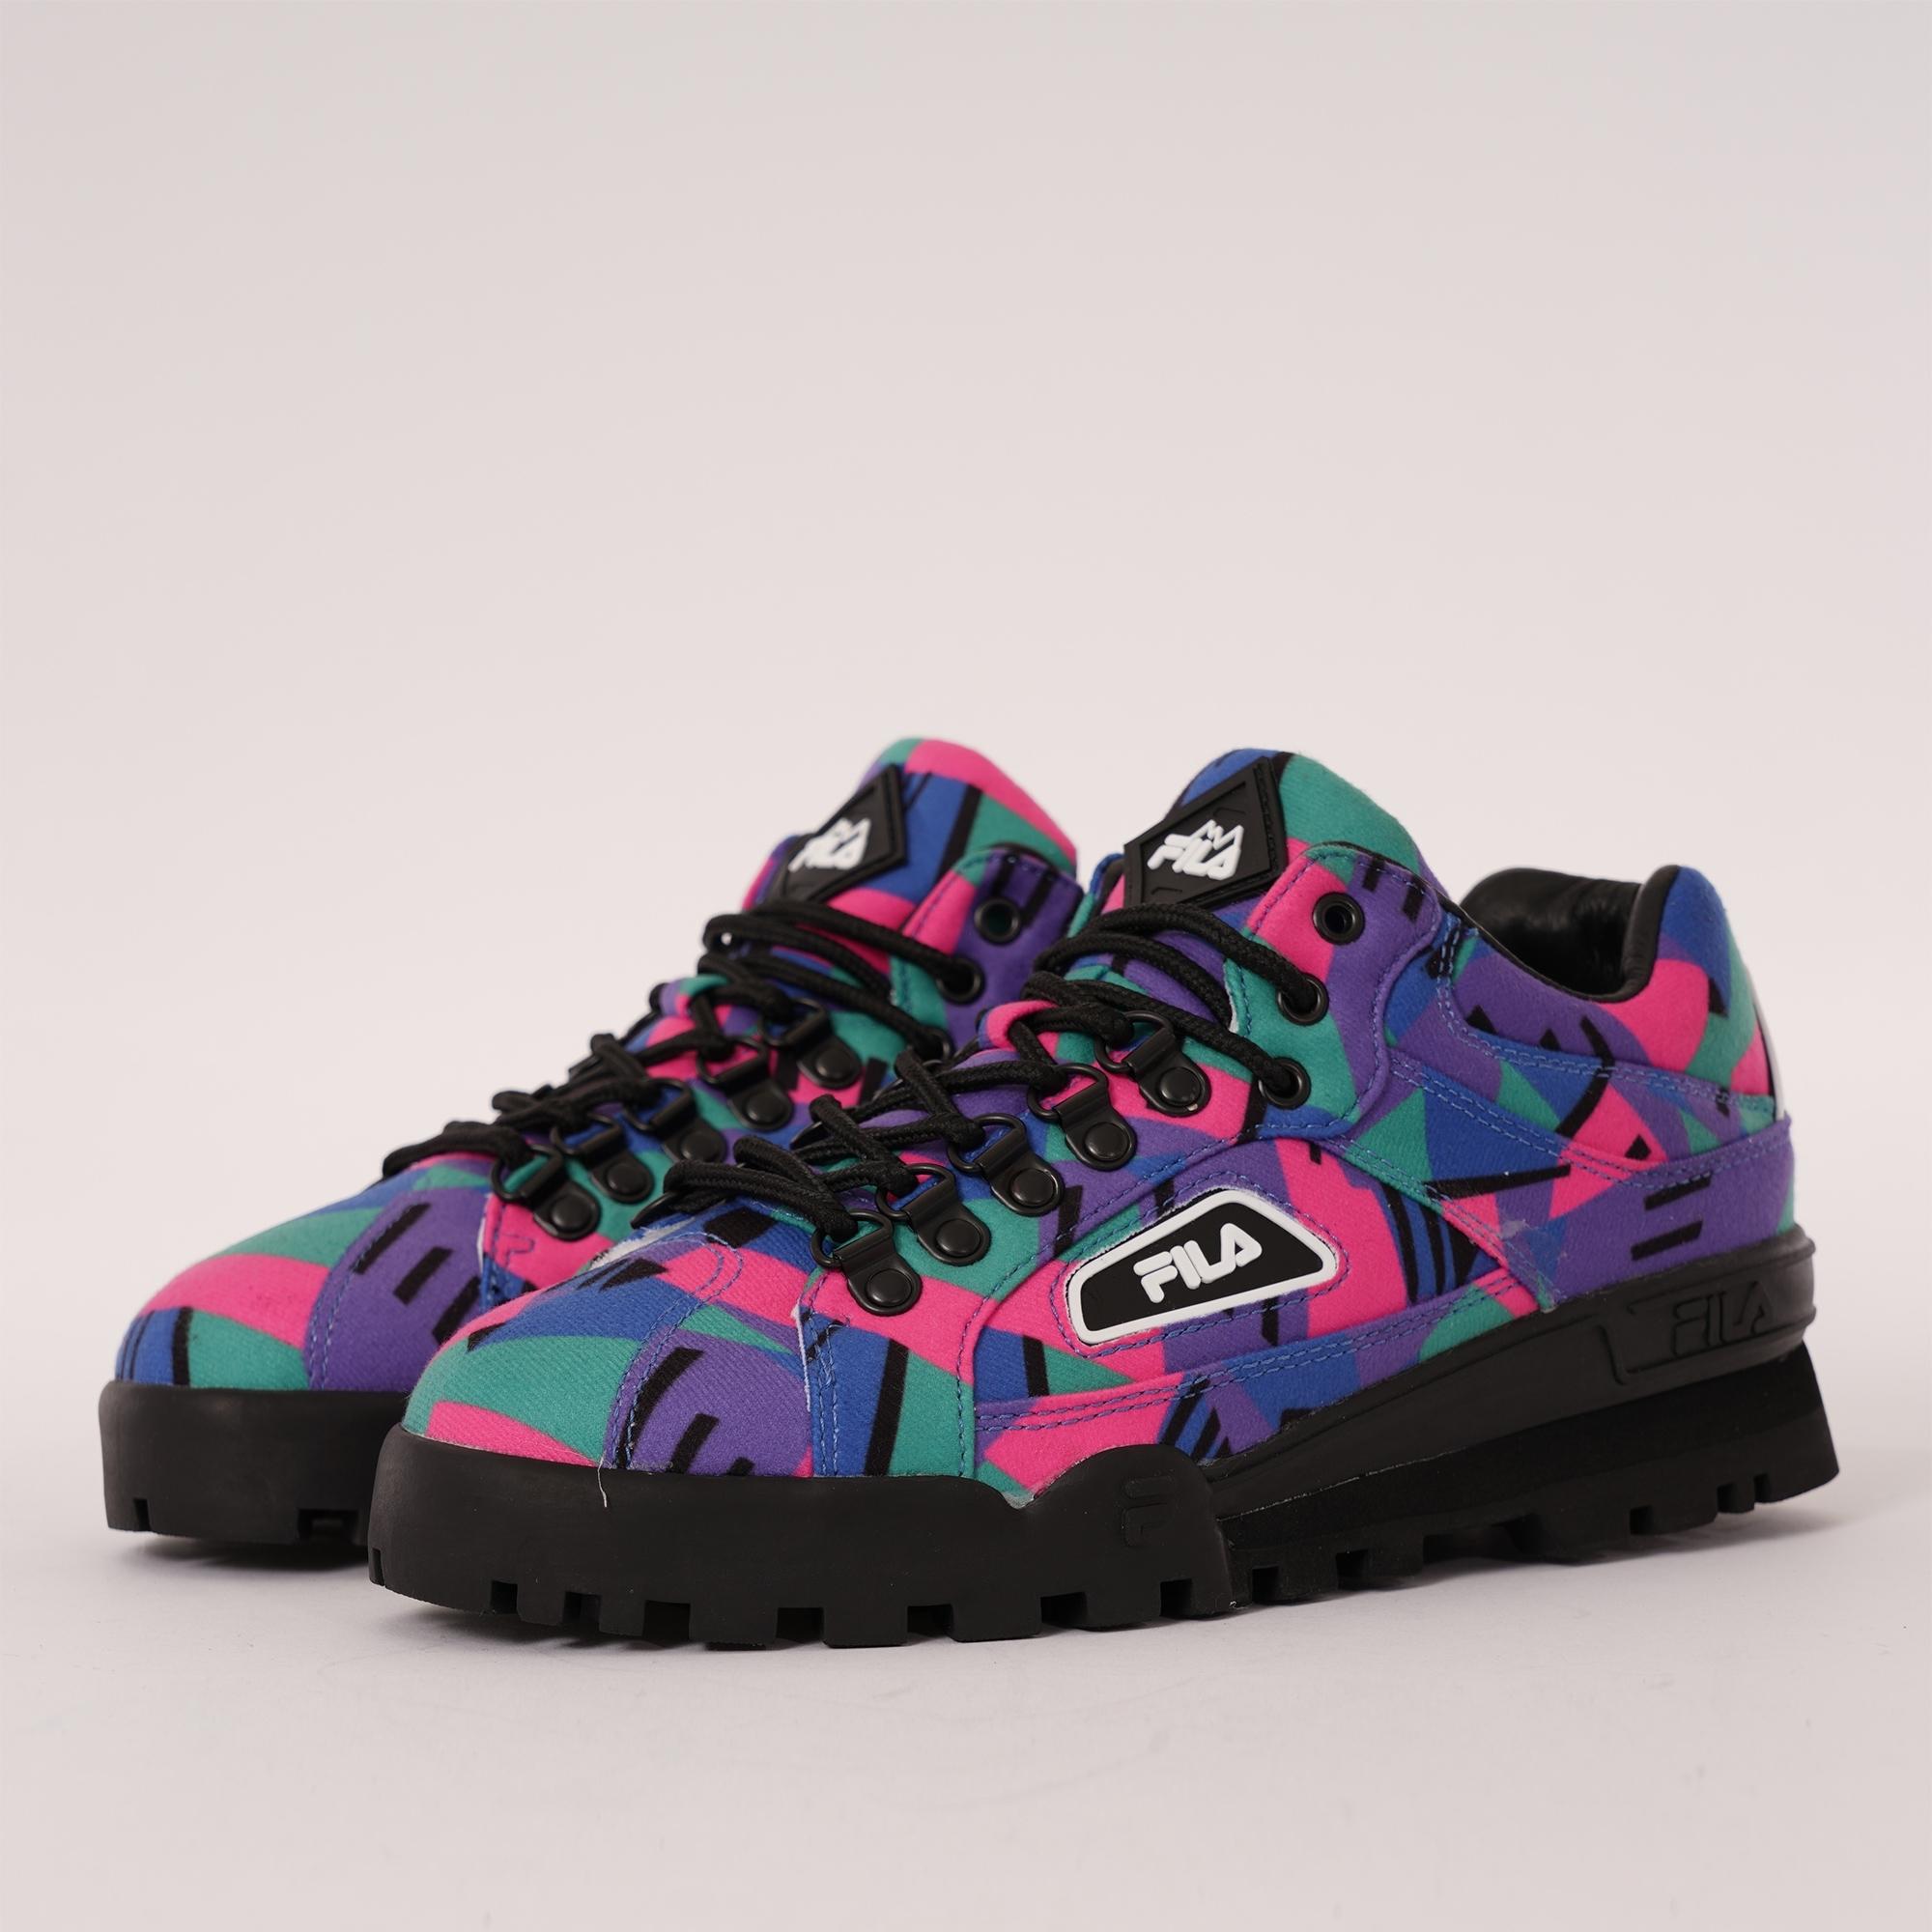 fila multi coloured shoes